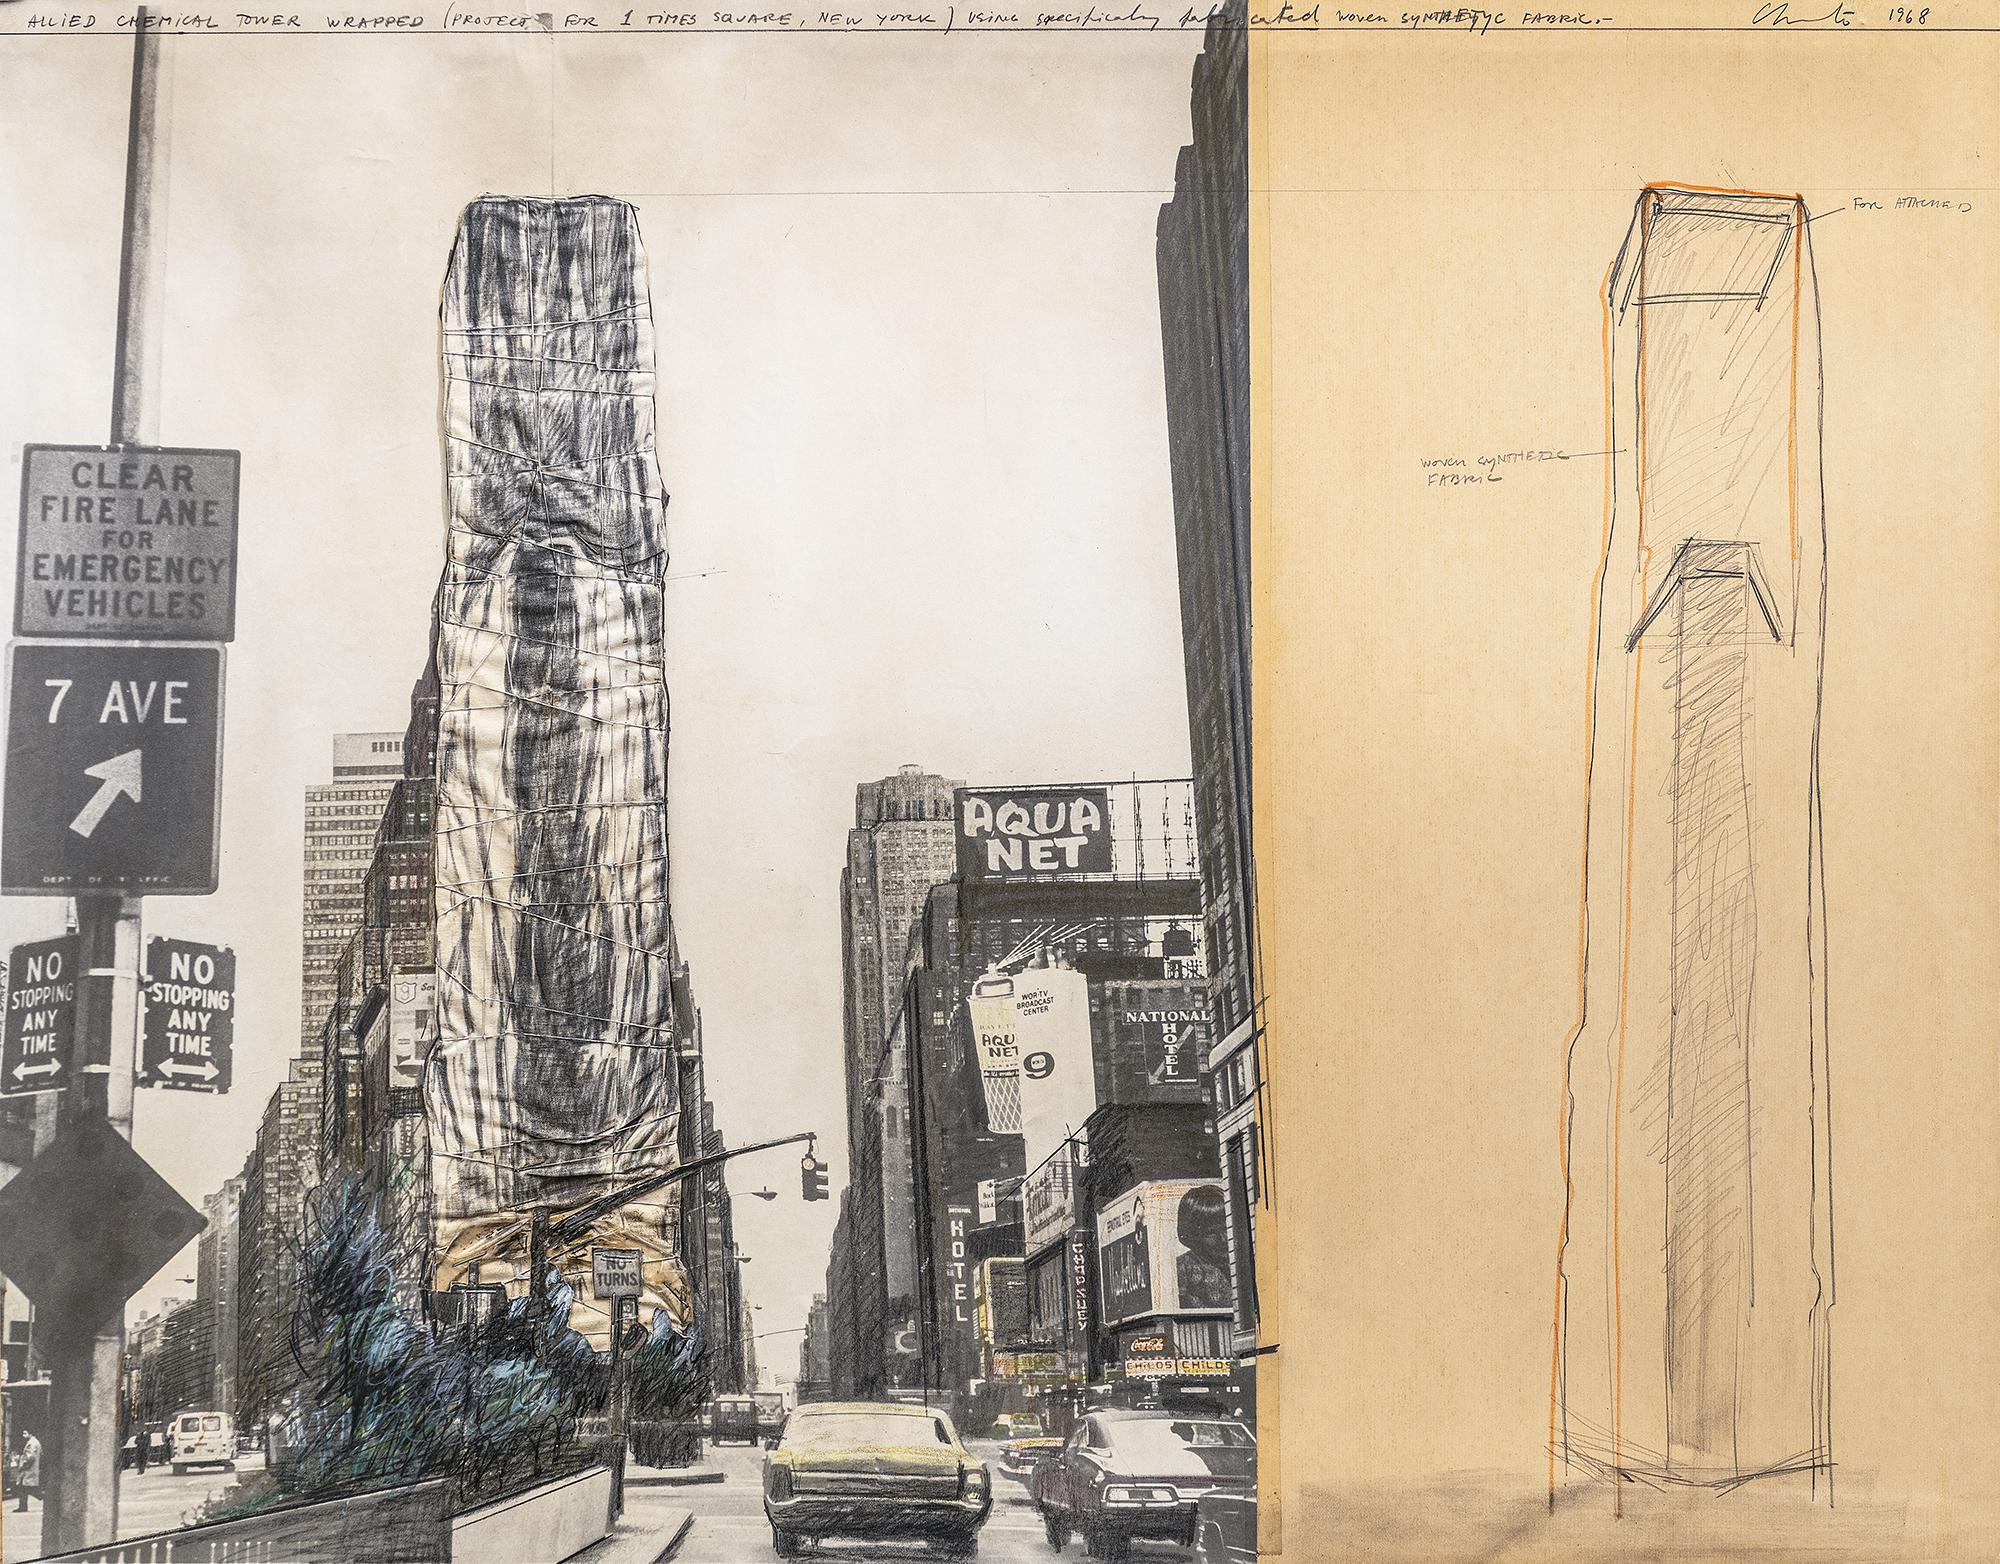 Vente Auction 53 - Art Moderne et Contemporain chez Martini Studio d'Arte : 128 lots